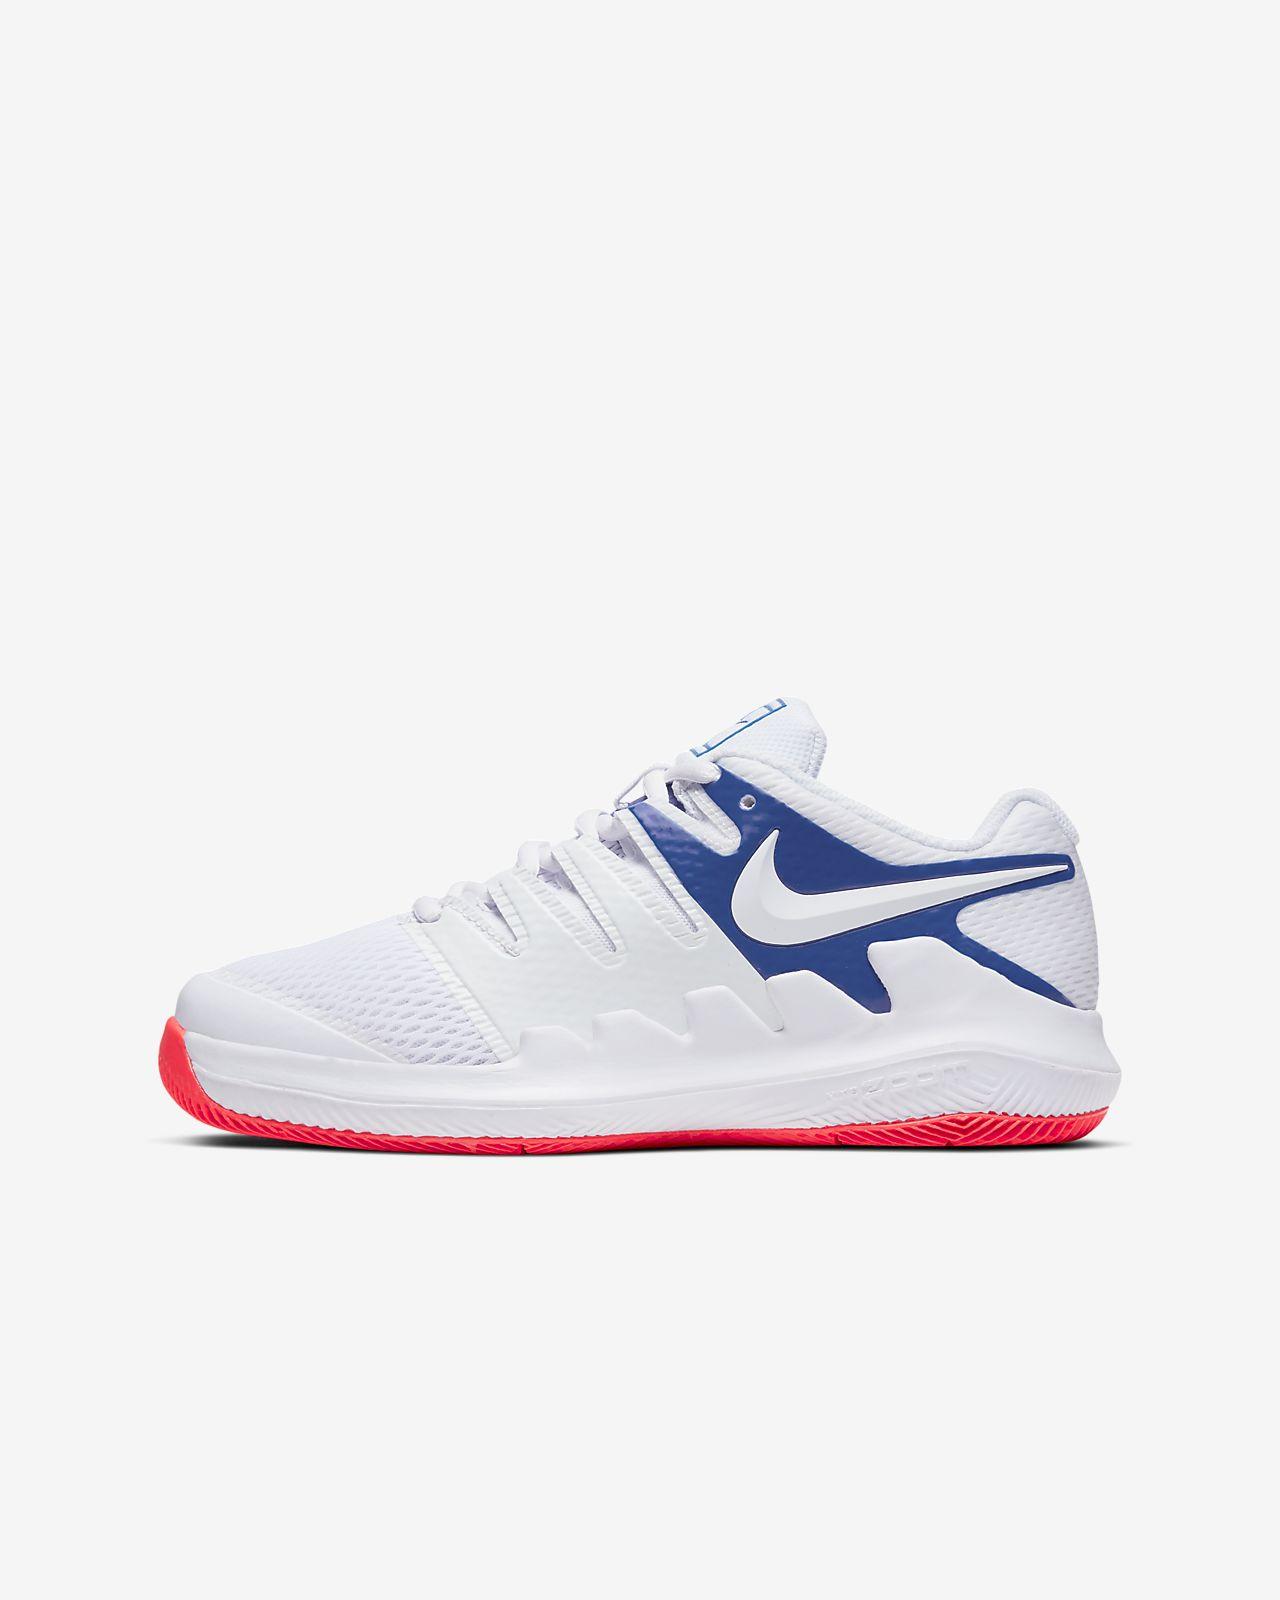 Younger/Older Kids' Tennis Shoe. Nike RO